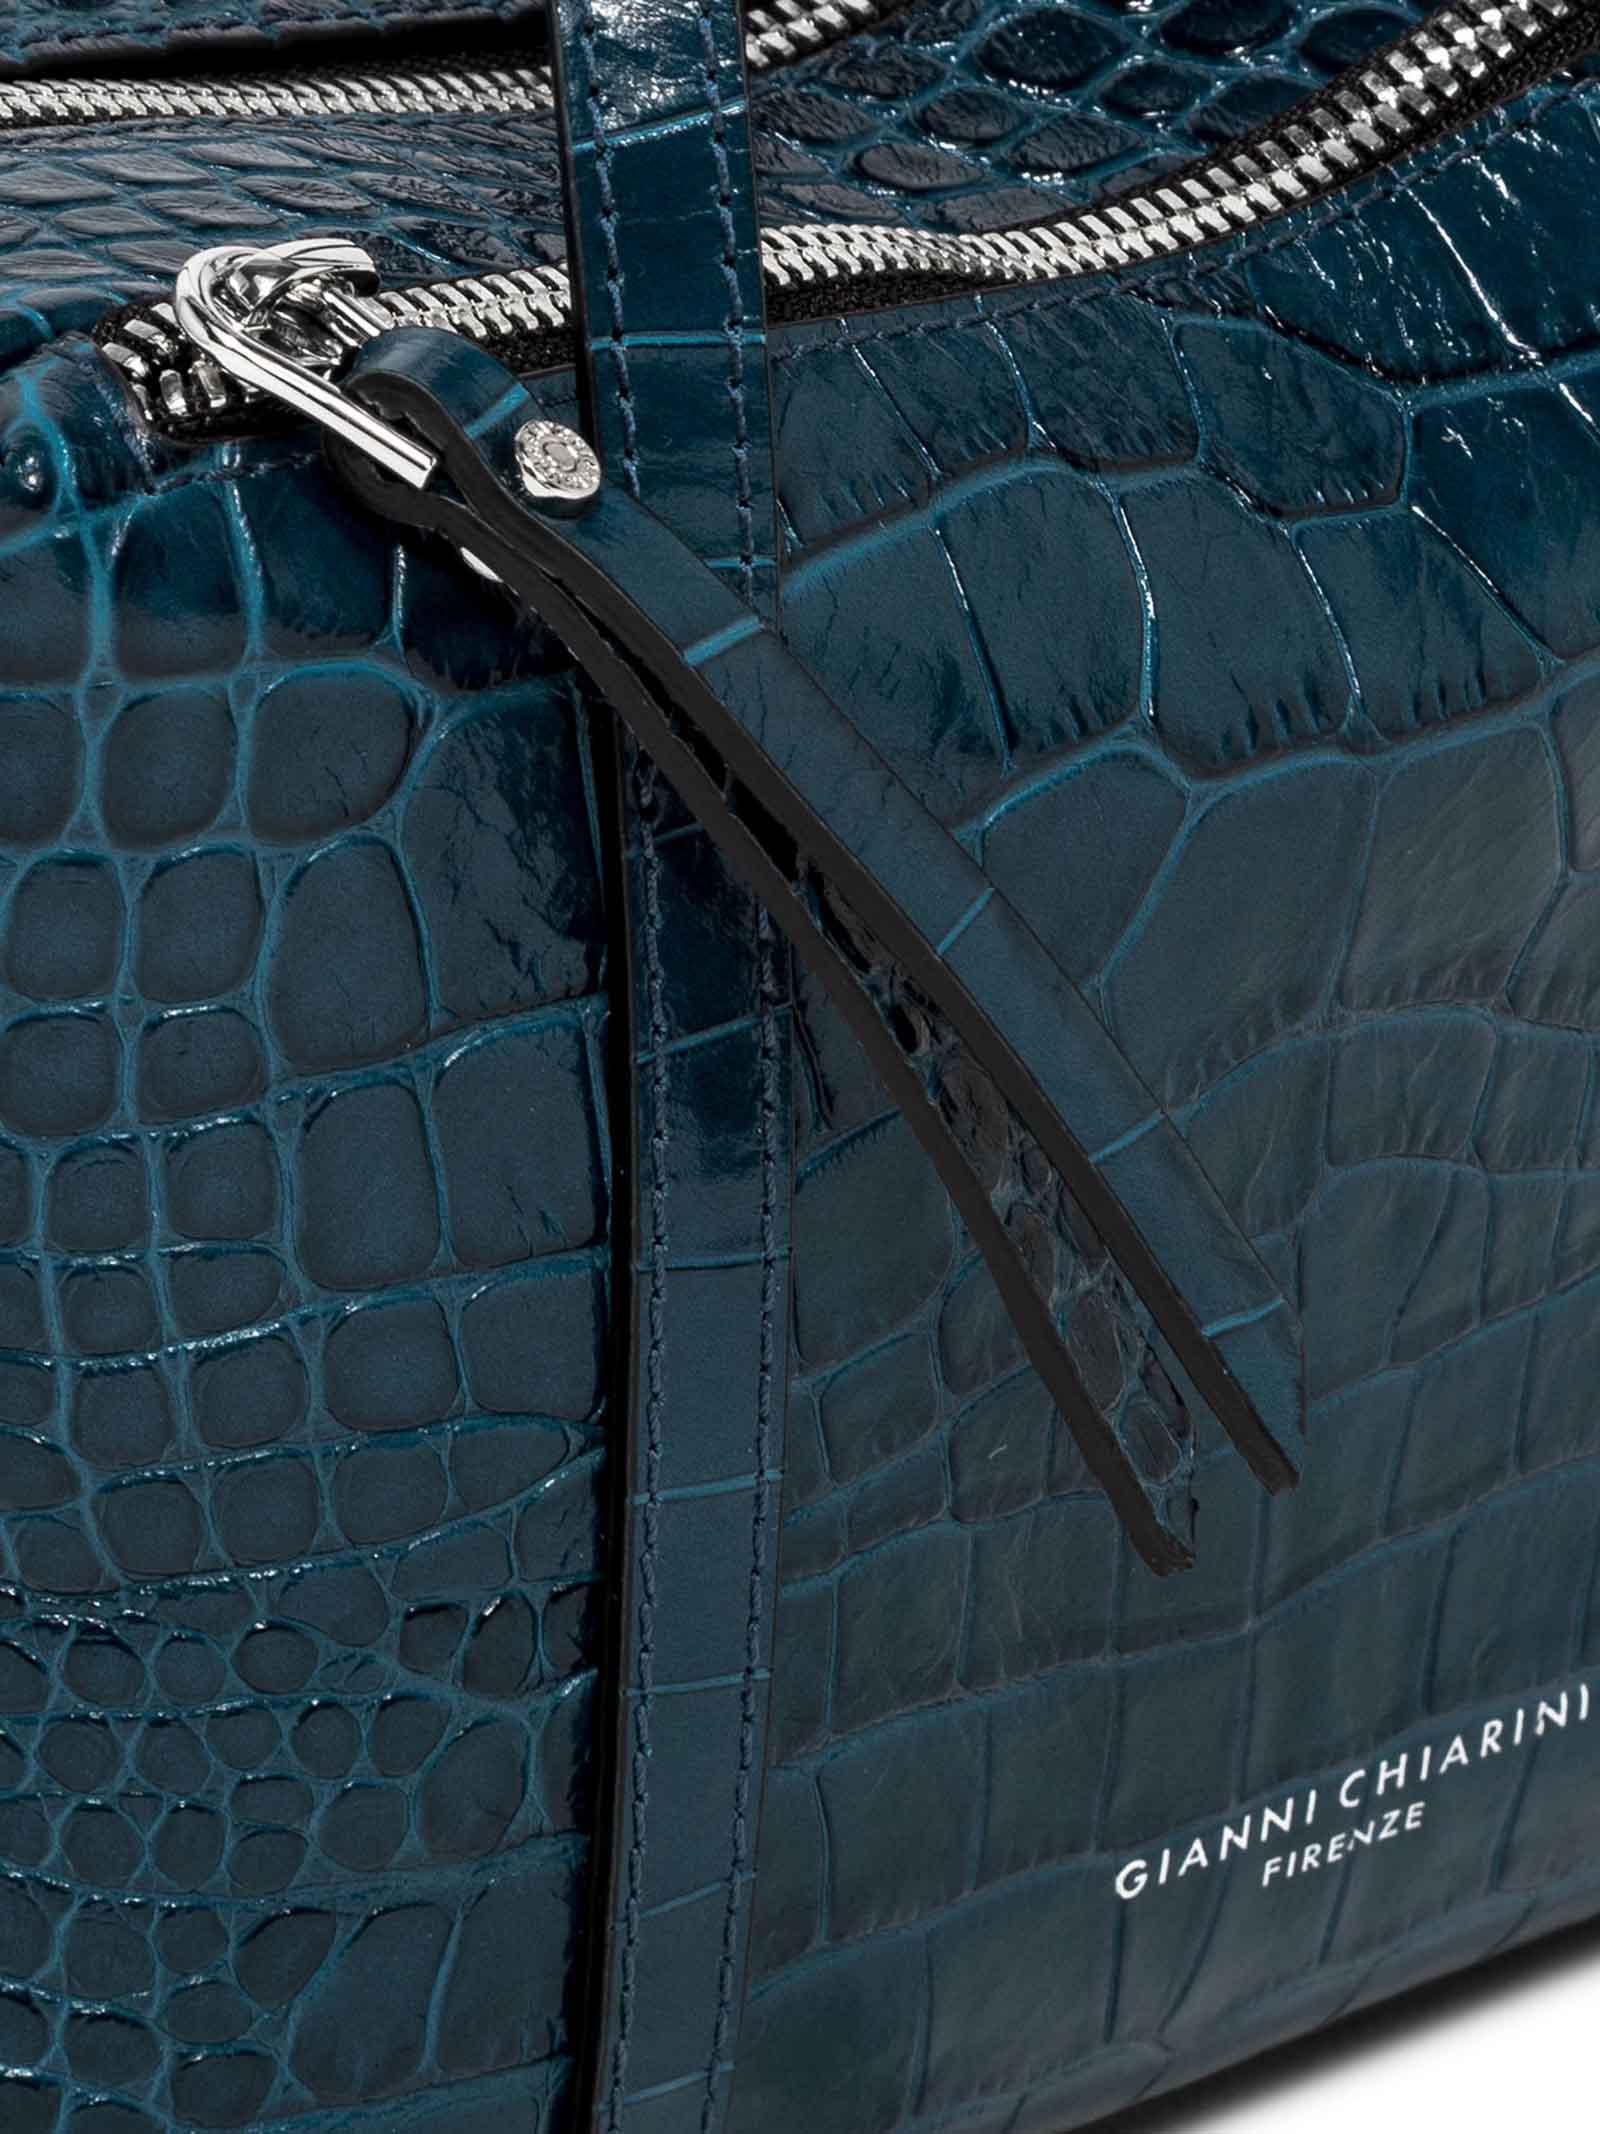 Borsa Donna Pochette Tracy a Tracolla in Pelle Stampata Cocco Blu Doppi Manici con Tracolla Regolabile e Removibile in Tono Gianni Chiarini   Borse e zaini   BS880512067